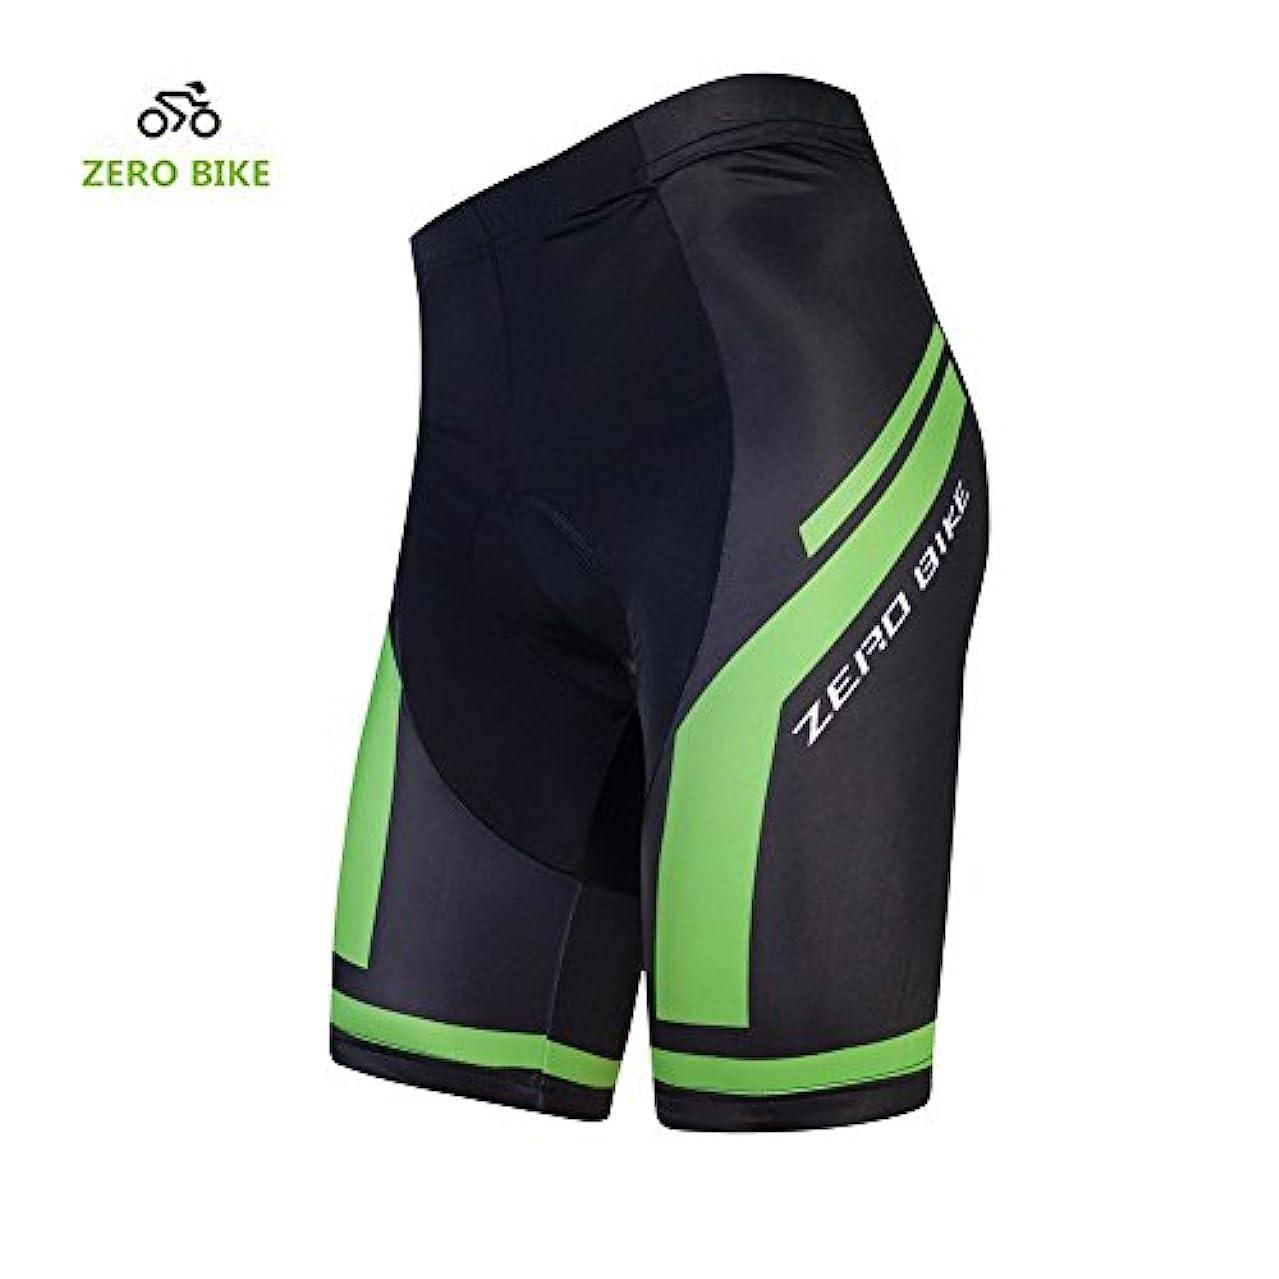 アルファベット順勤勉お願いしますZEROBIKE™ メンズ サイクル インナー パンツ 4D GELパッド メンズ サイクルパンツ 自転車パンツ 吸汗速乾 ショーツ